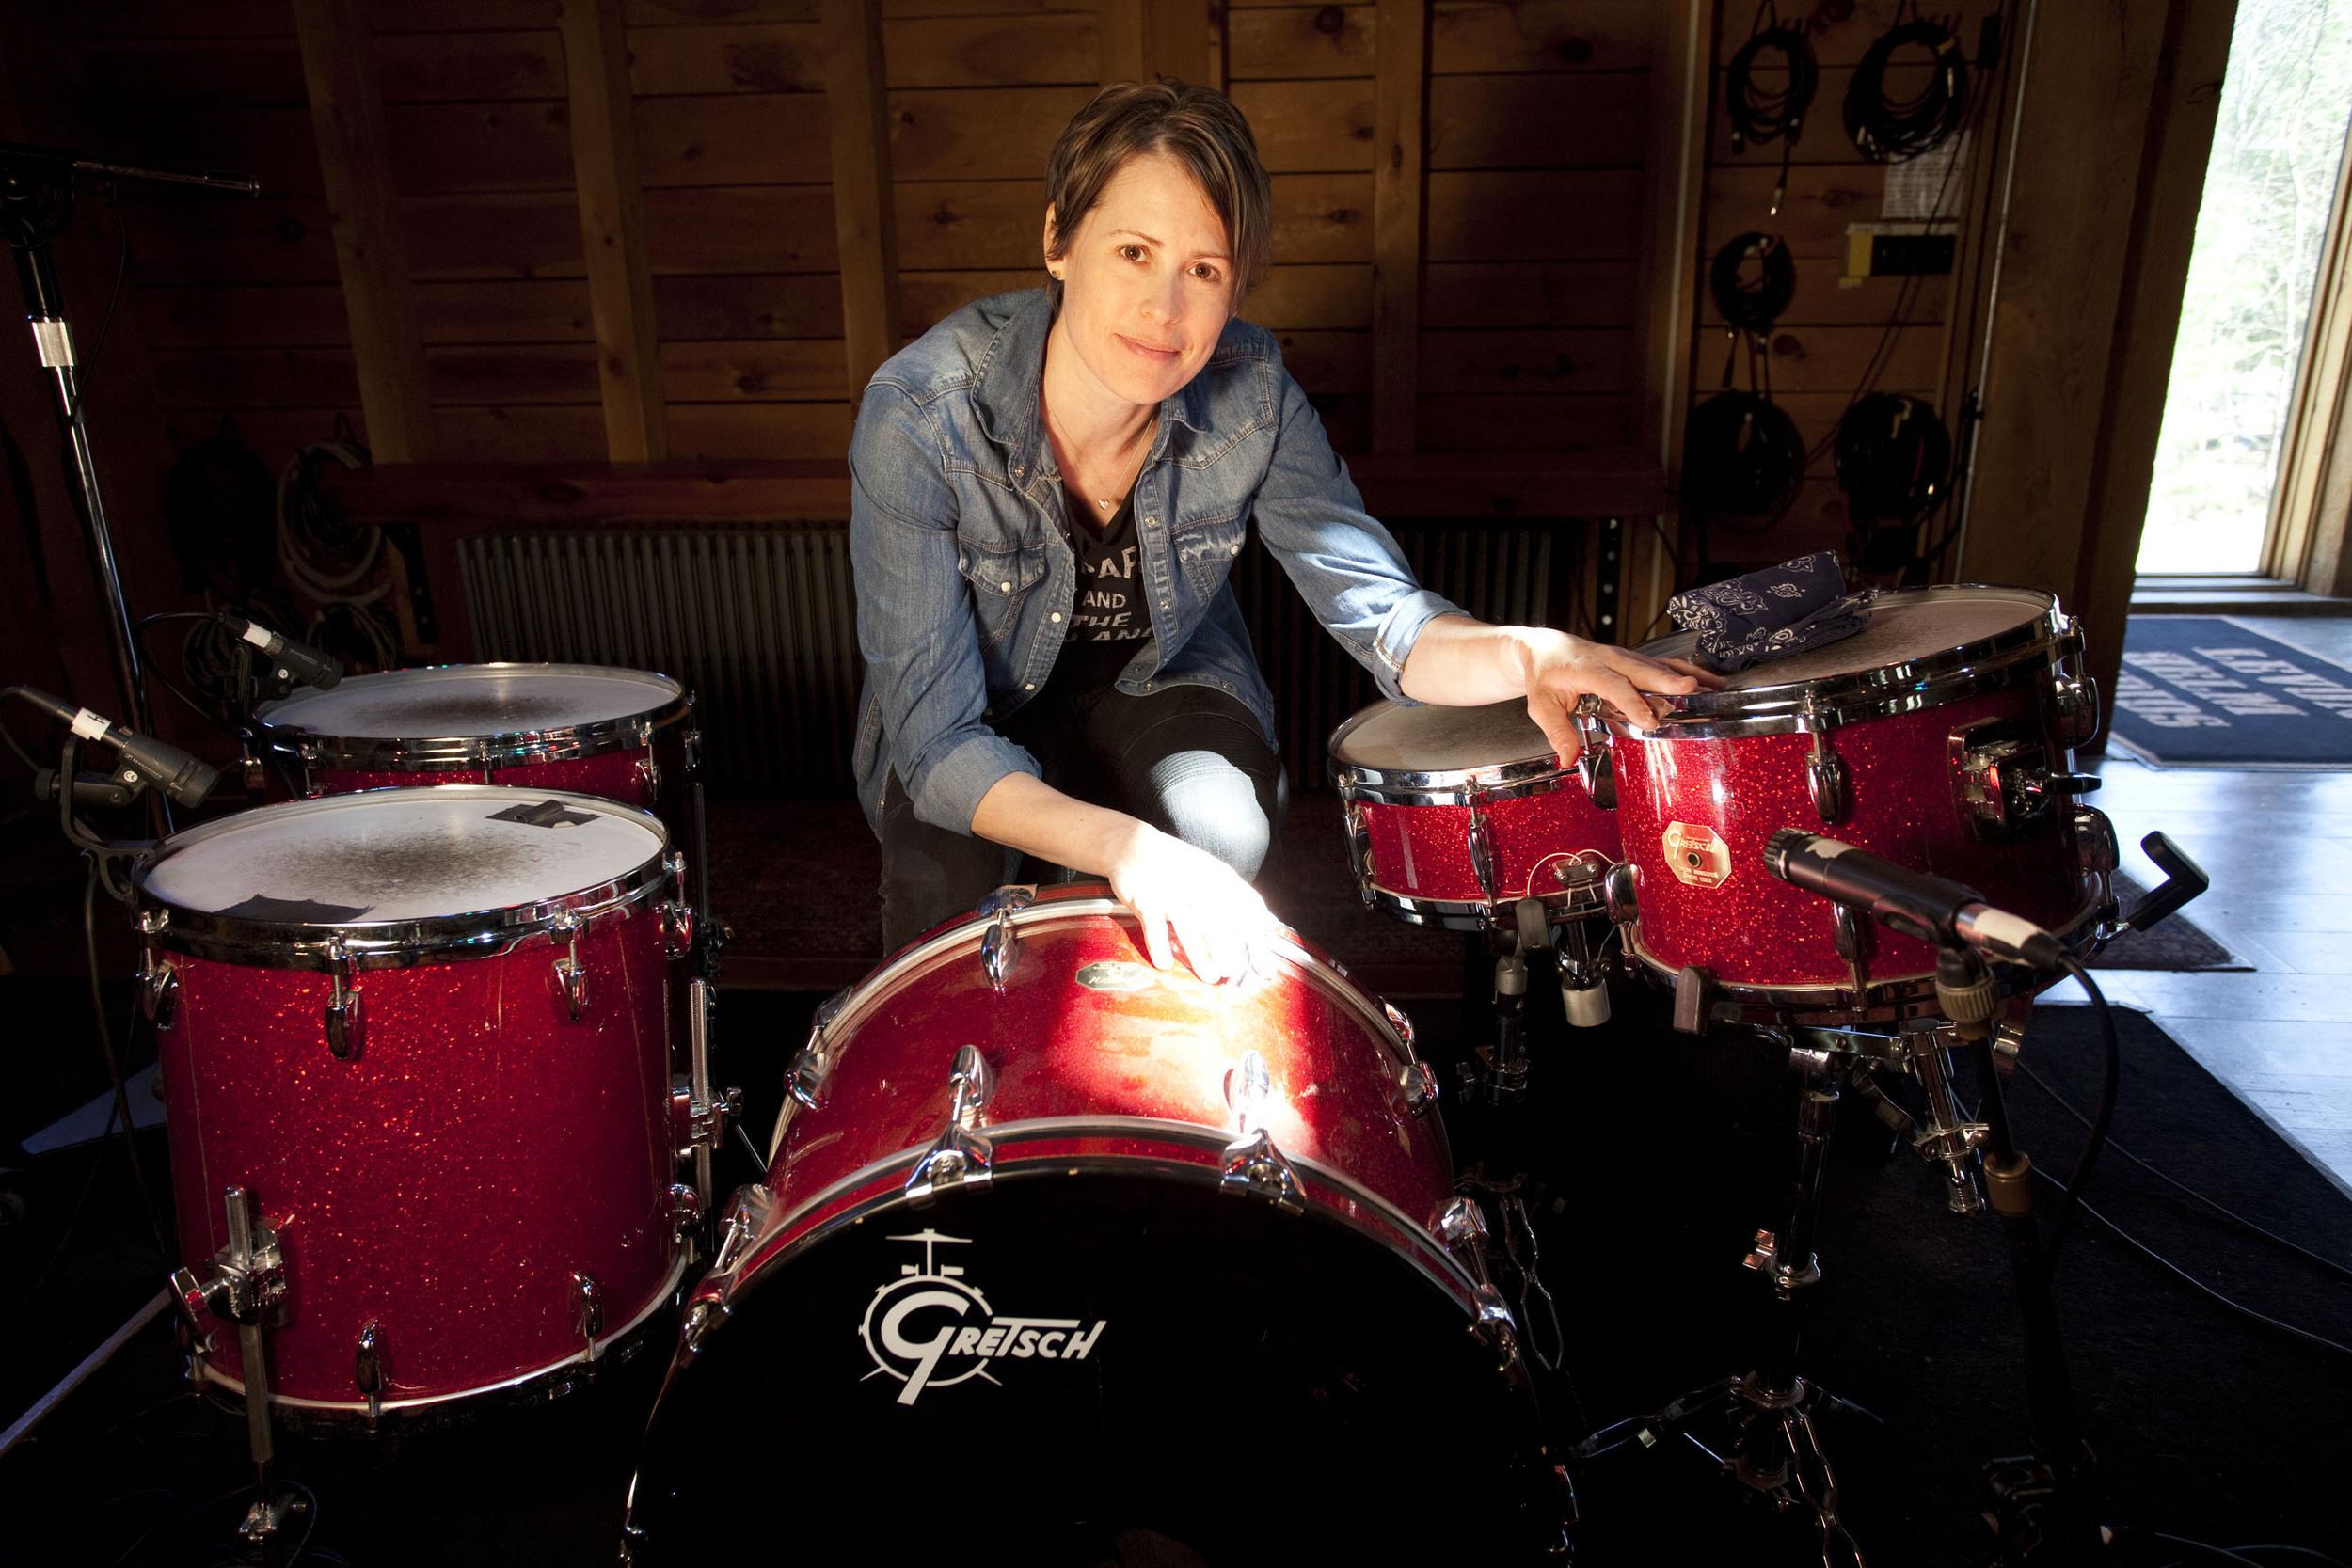 at Levon Helm's drum kit